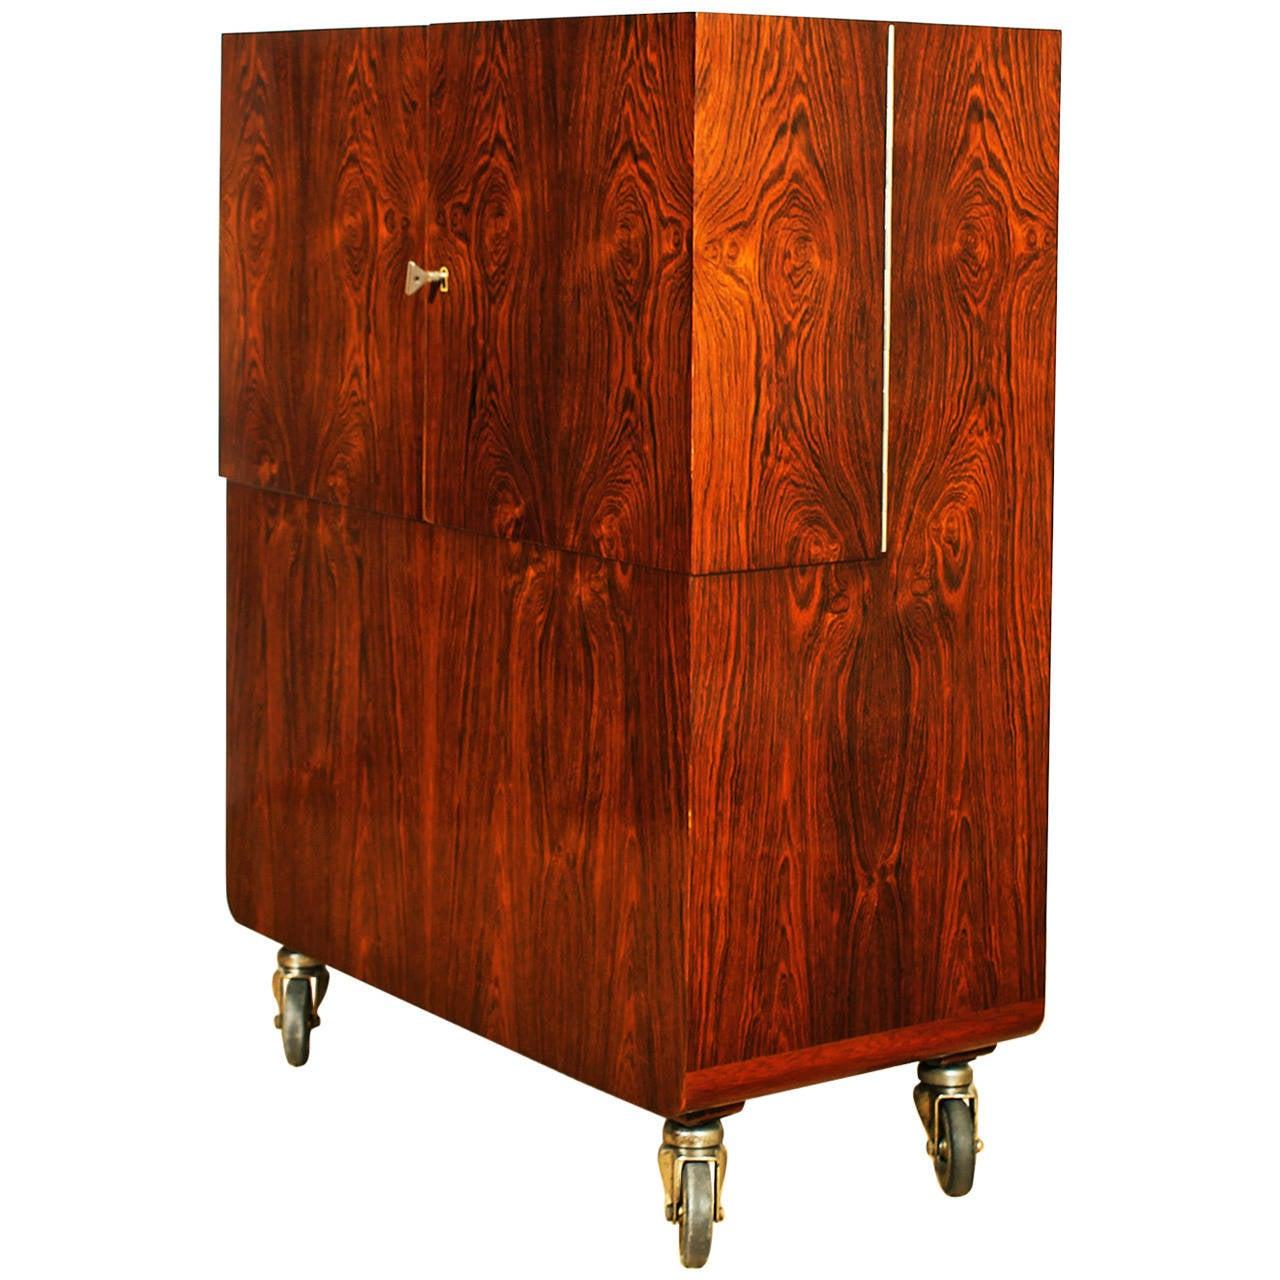 art deco dry bar cart by de coene fr res at 1stdibs. Black Bedroom Furniture Sets. Home Design Ideas